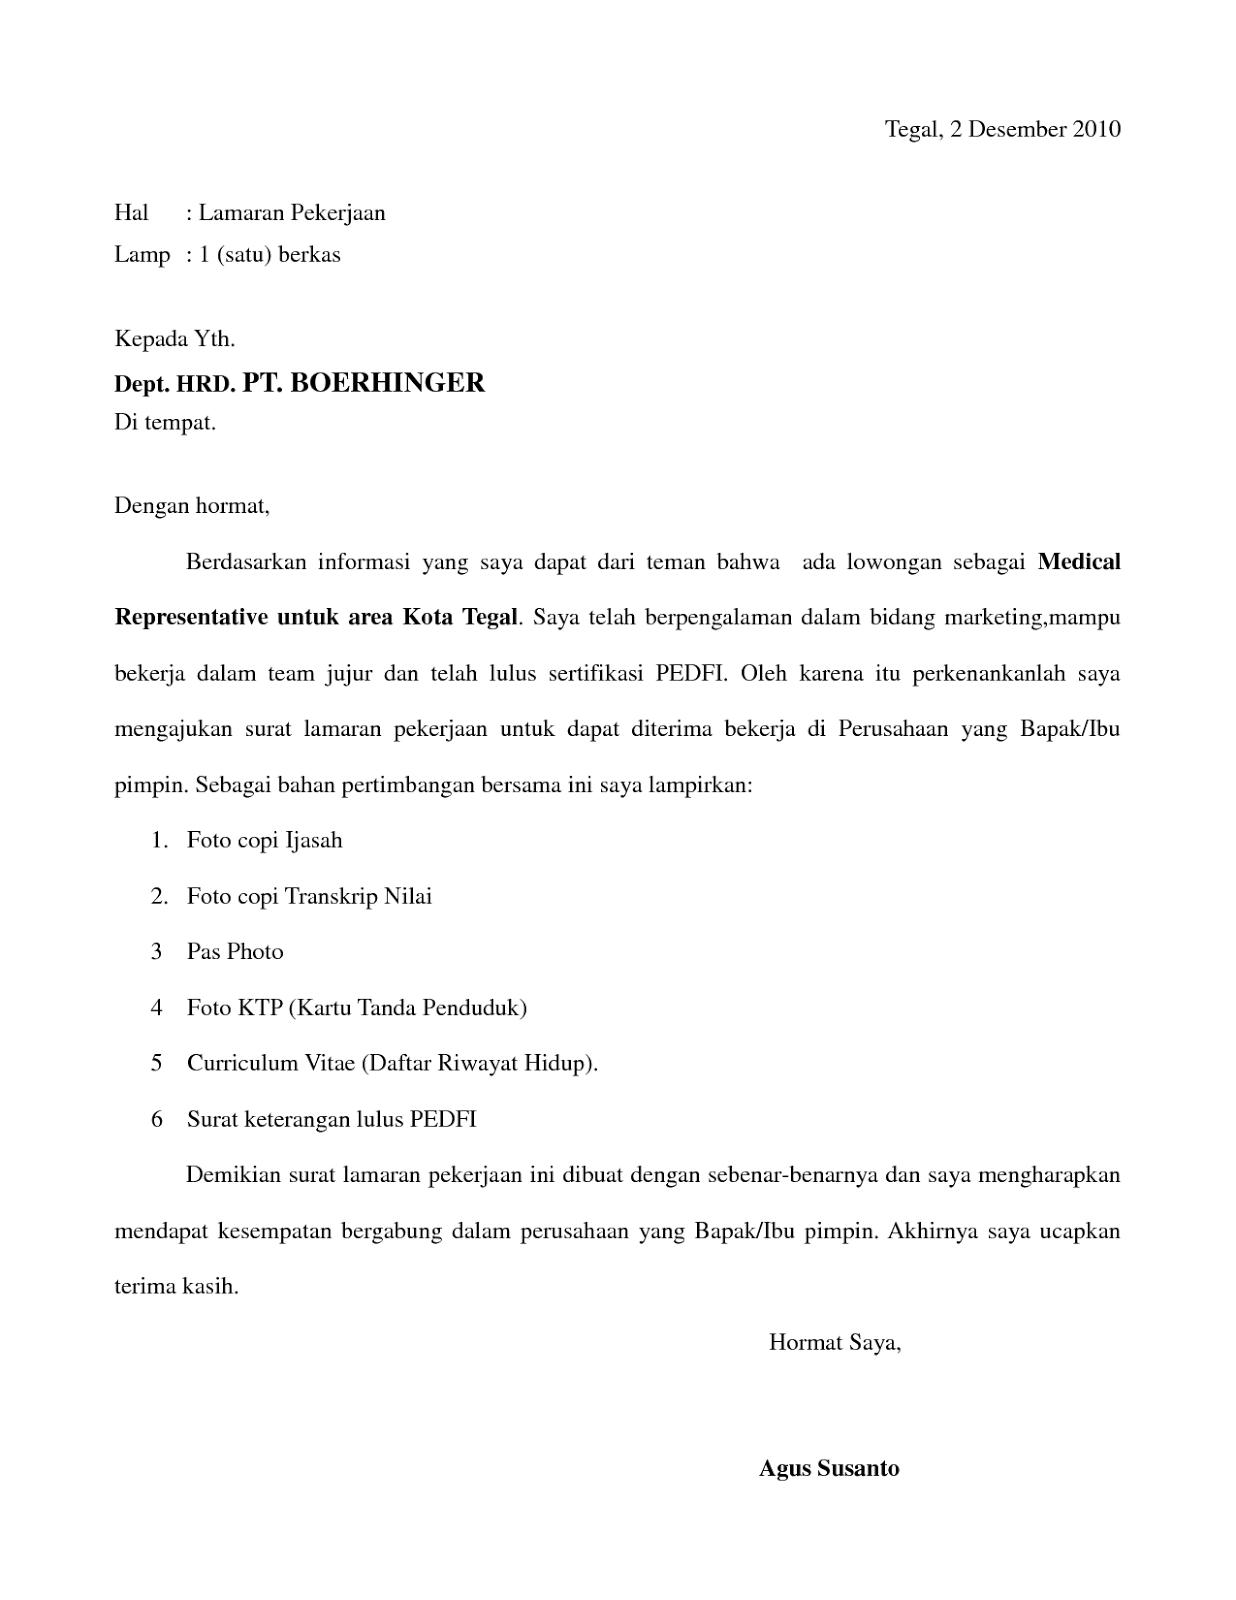 Contoh Surat Lamaran Kerja Rekomendasi Dari Teman Bagi Contoh Surat